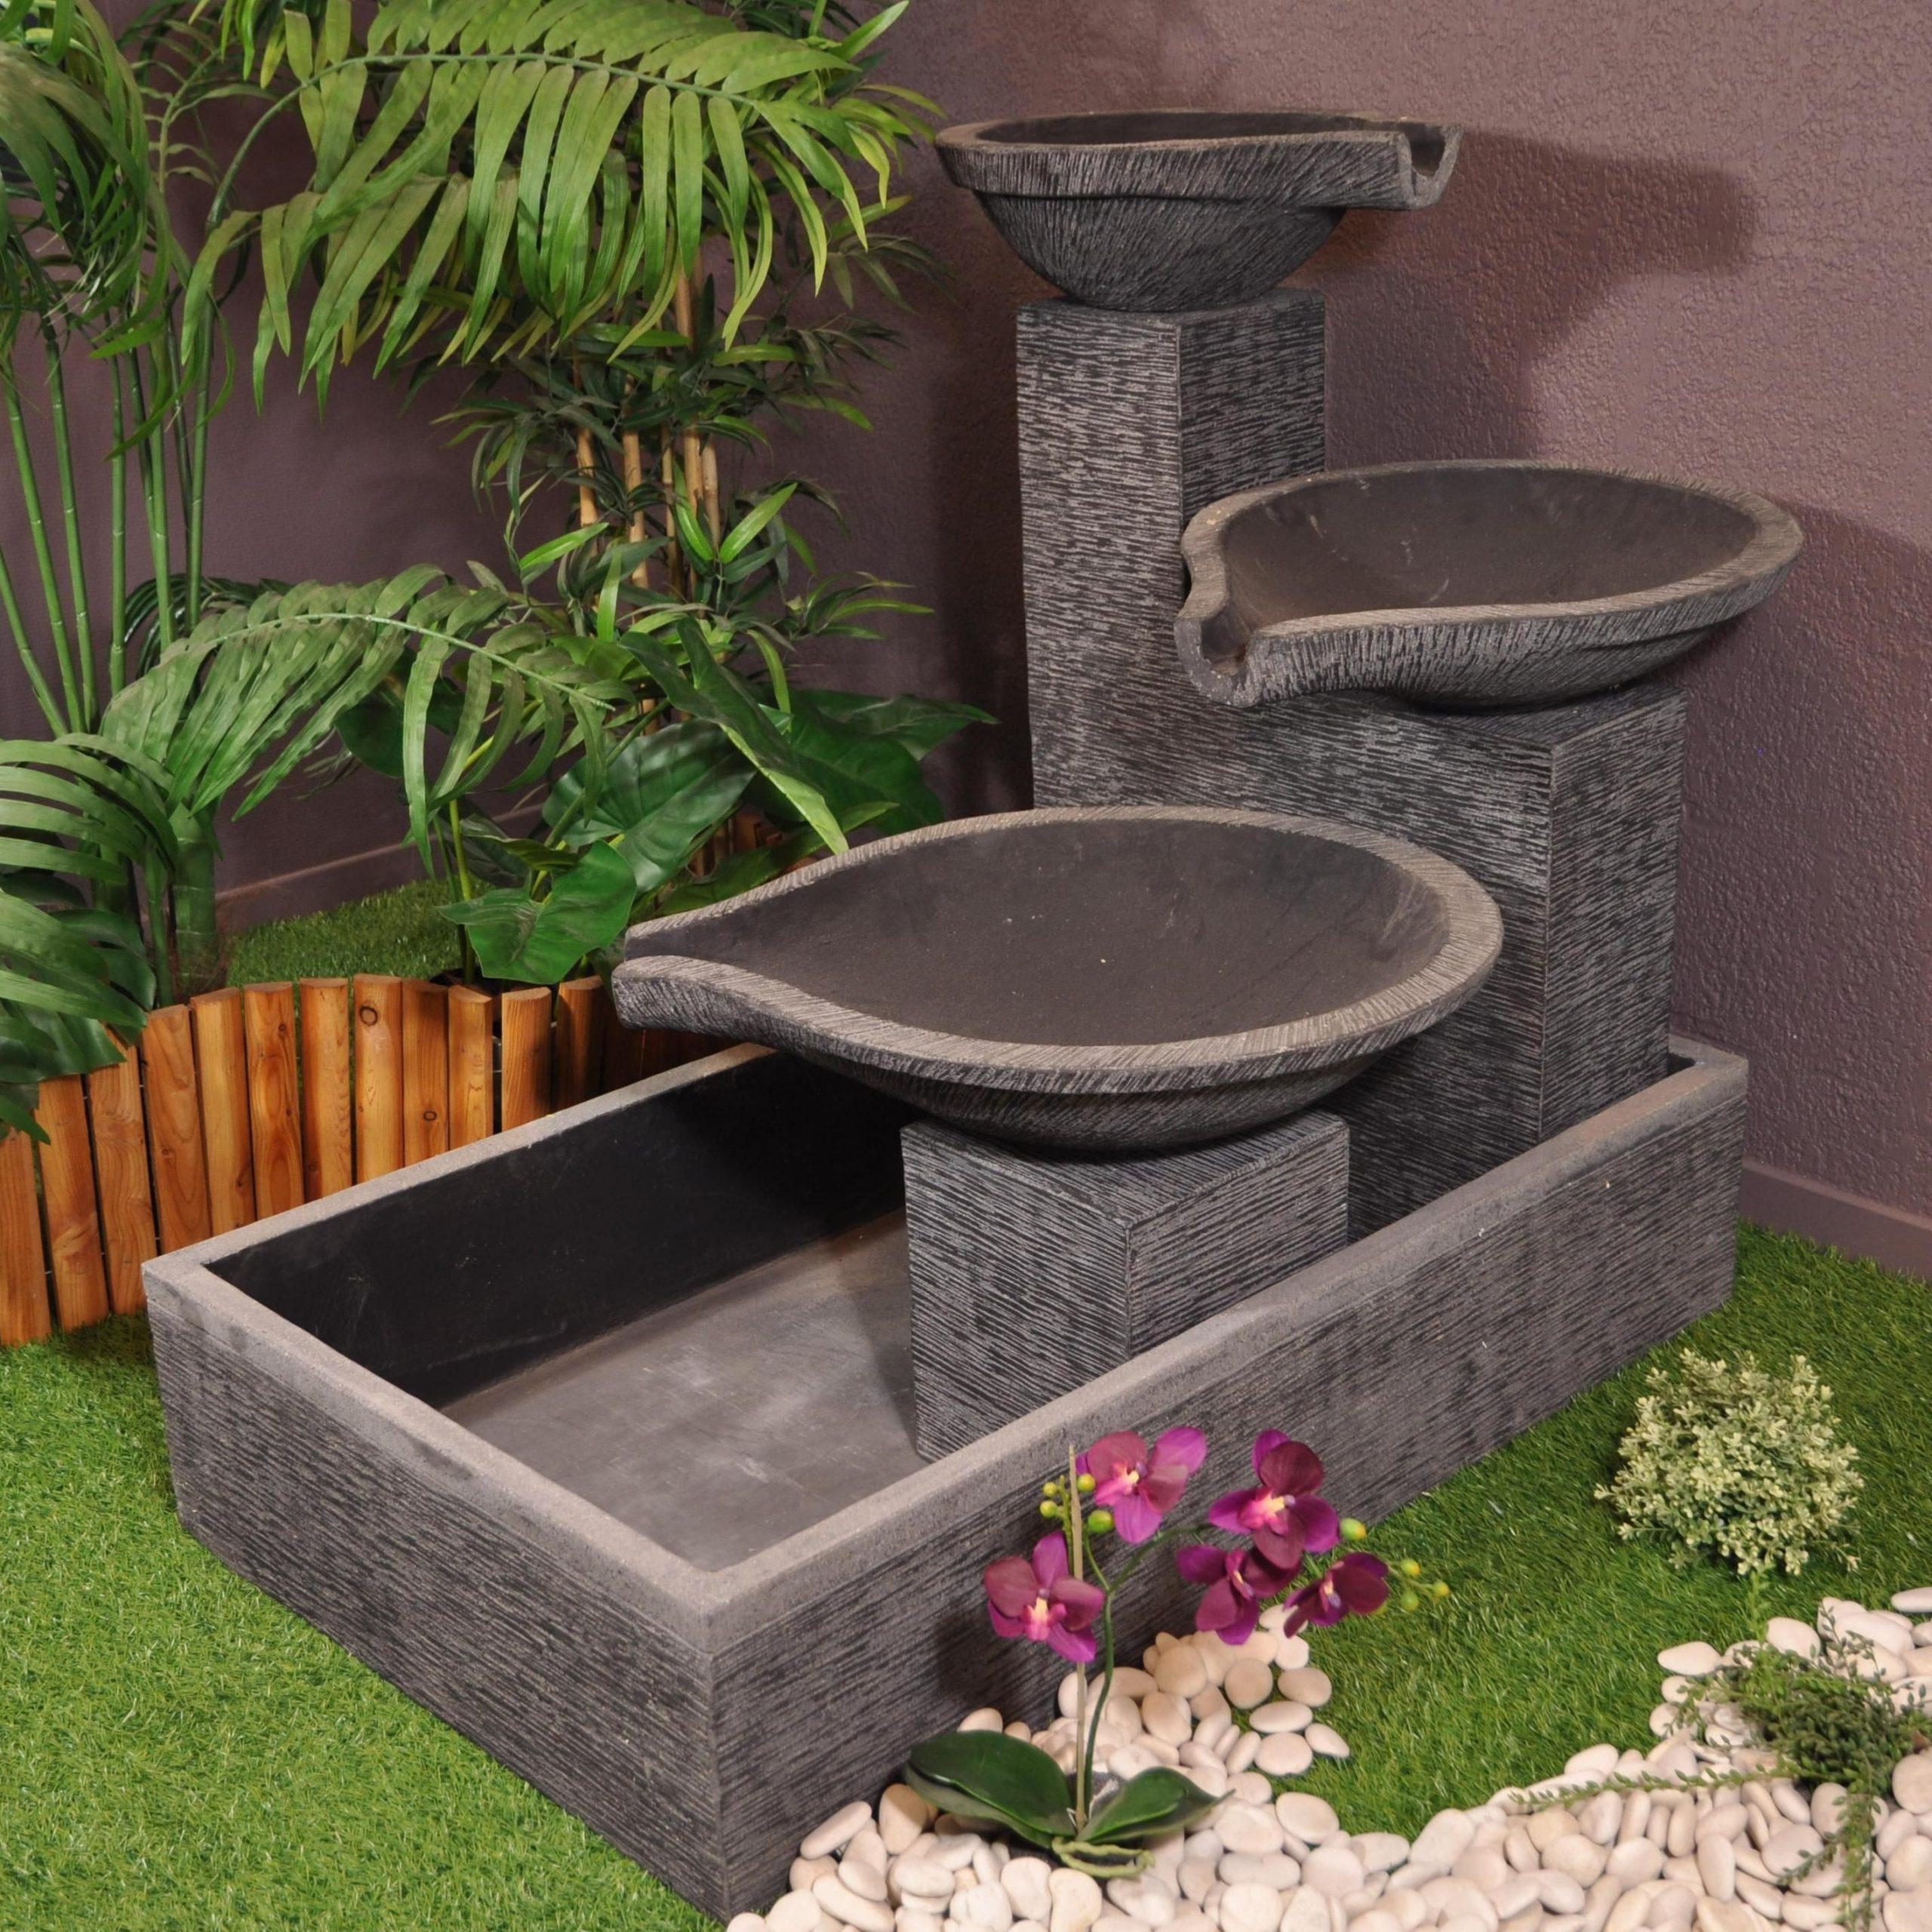 Fontaine De Jardin À Débordement Bassin 3 Vasques Noire ... tout Fontaine De Jardin A Debordement